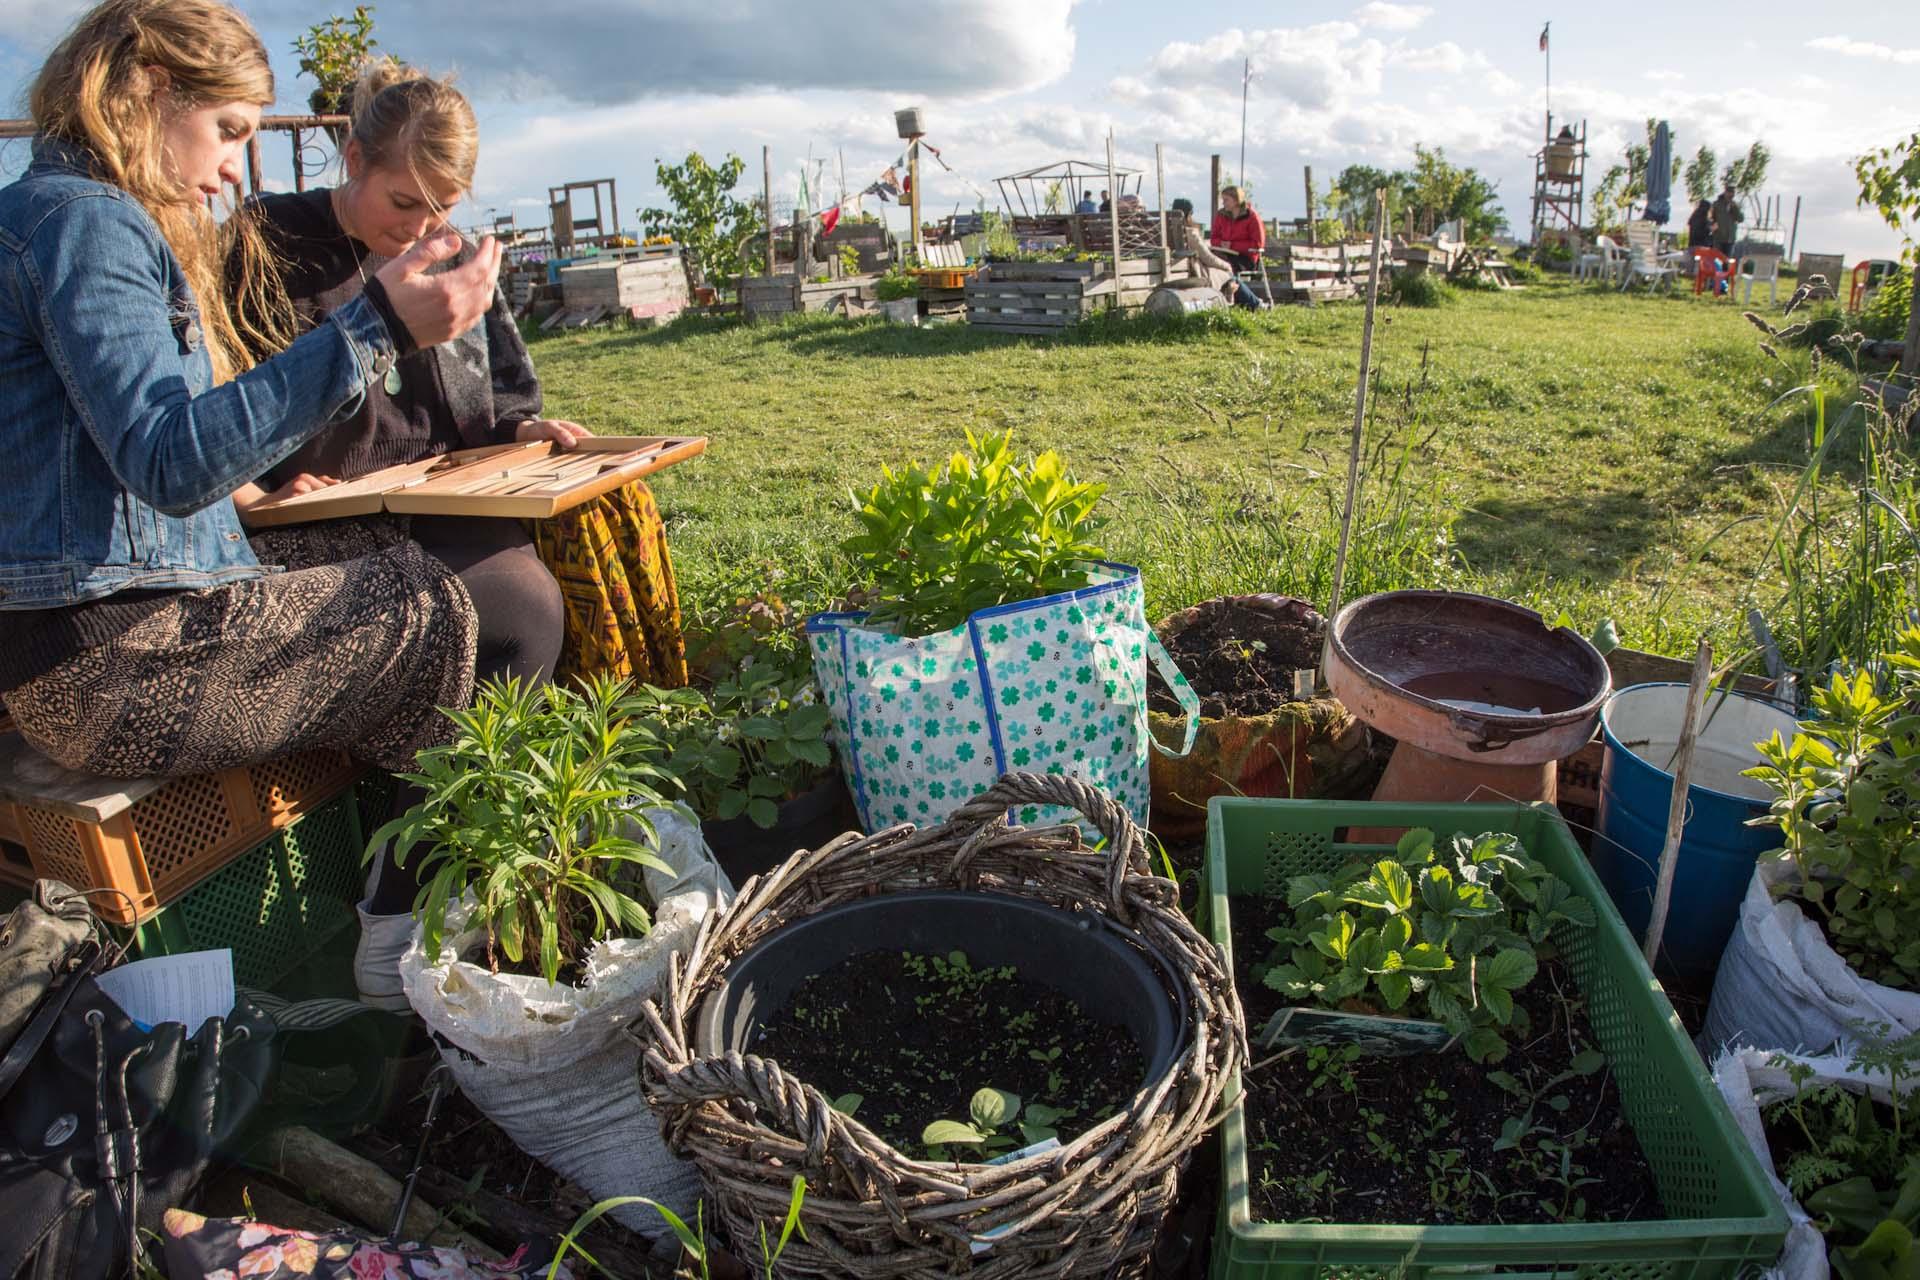 Gärtnern und Pflanzen ist wegen der möglichen Kontamination des Bodens nur in Hochbetten möglich.